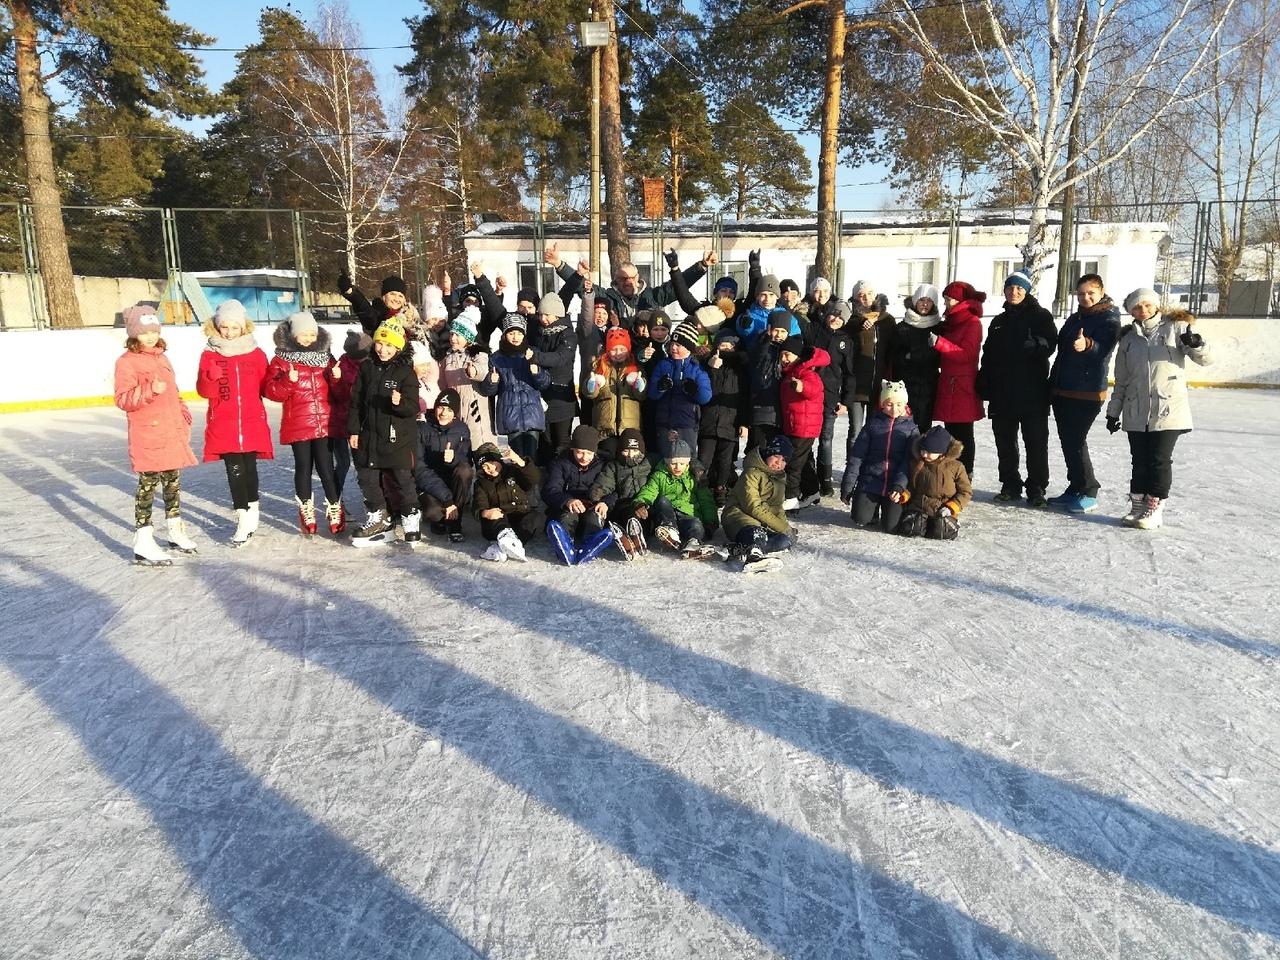 08 февраля состоялось спортивно-массовое мероприятие, посвящённое Дню зимних видов спорта.